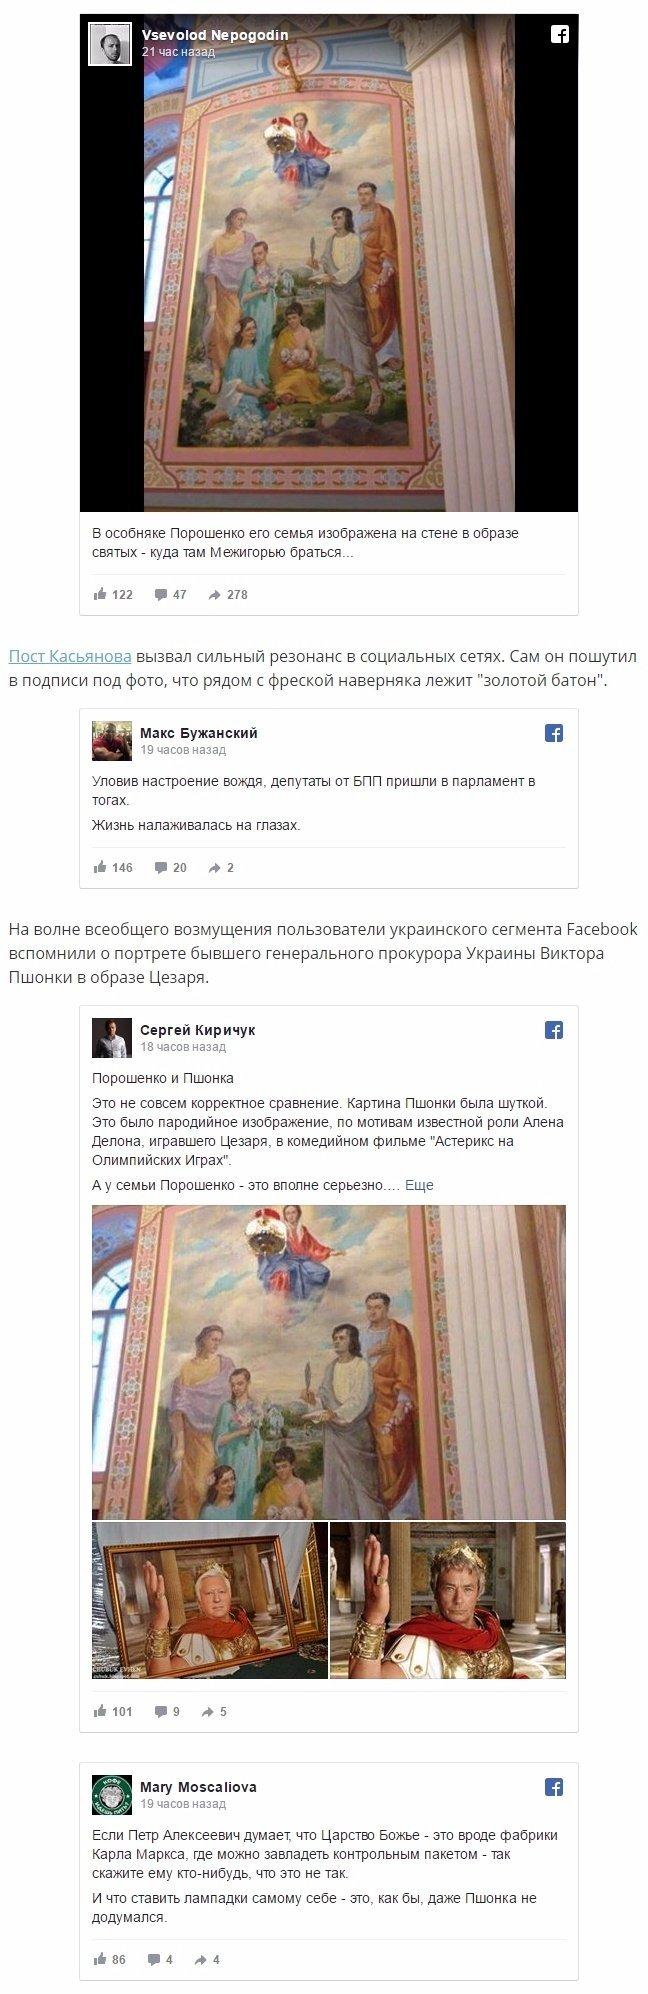 pravda-tv_2016-11-28_20-59-01